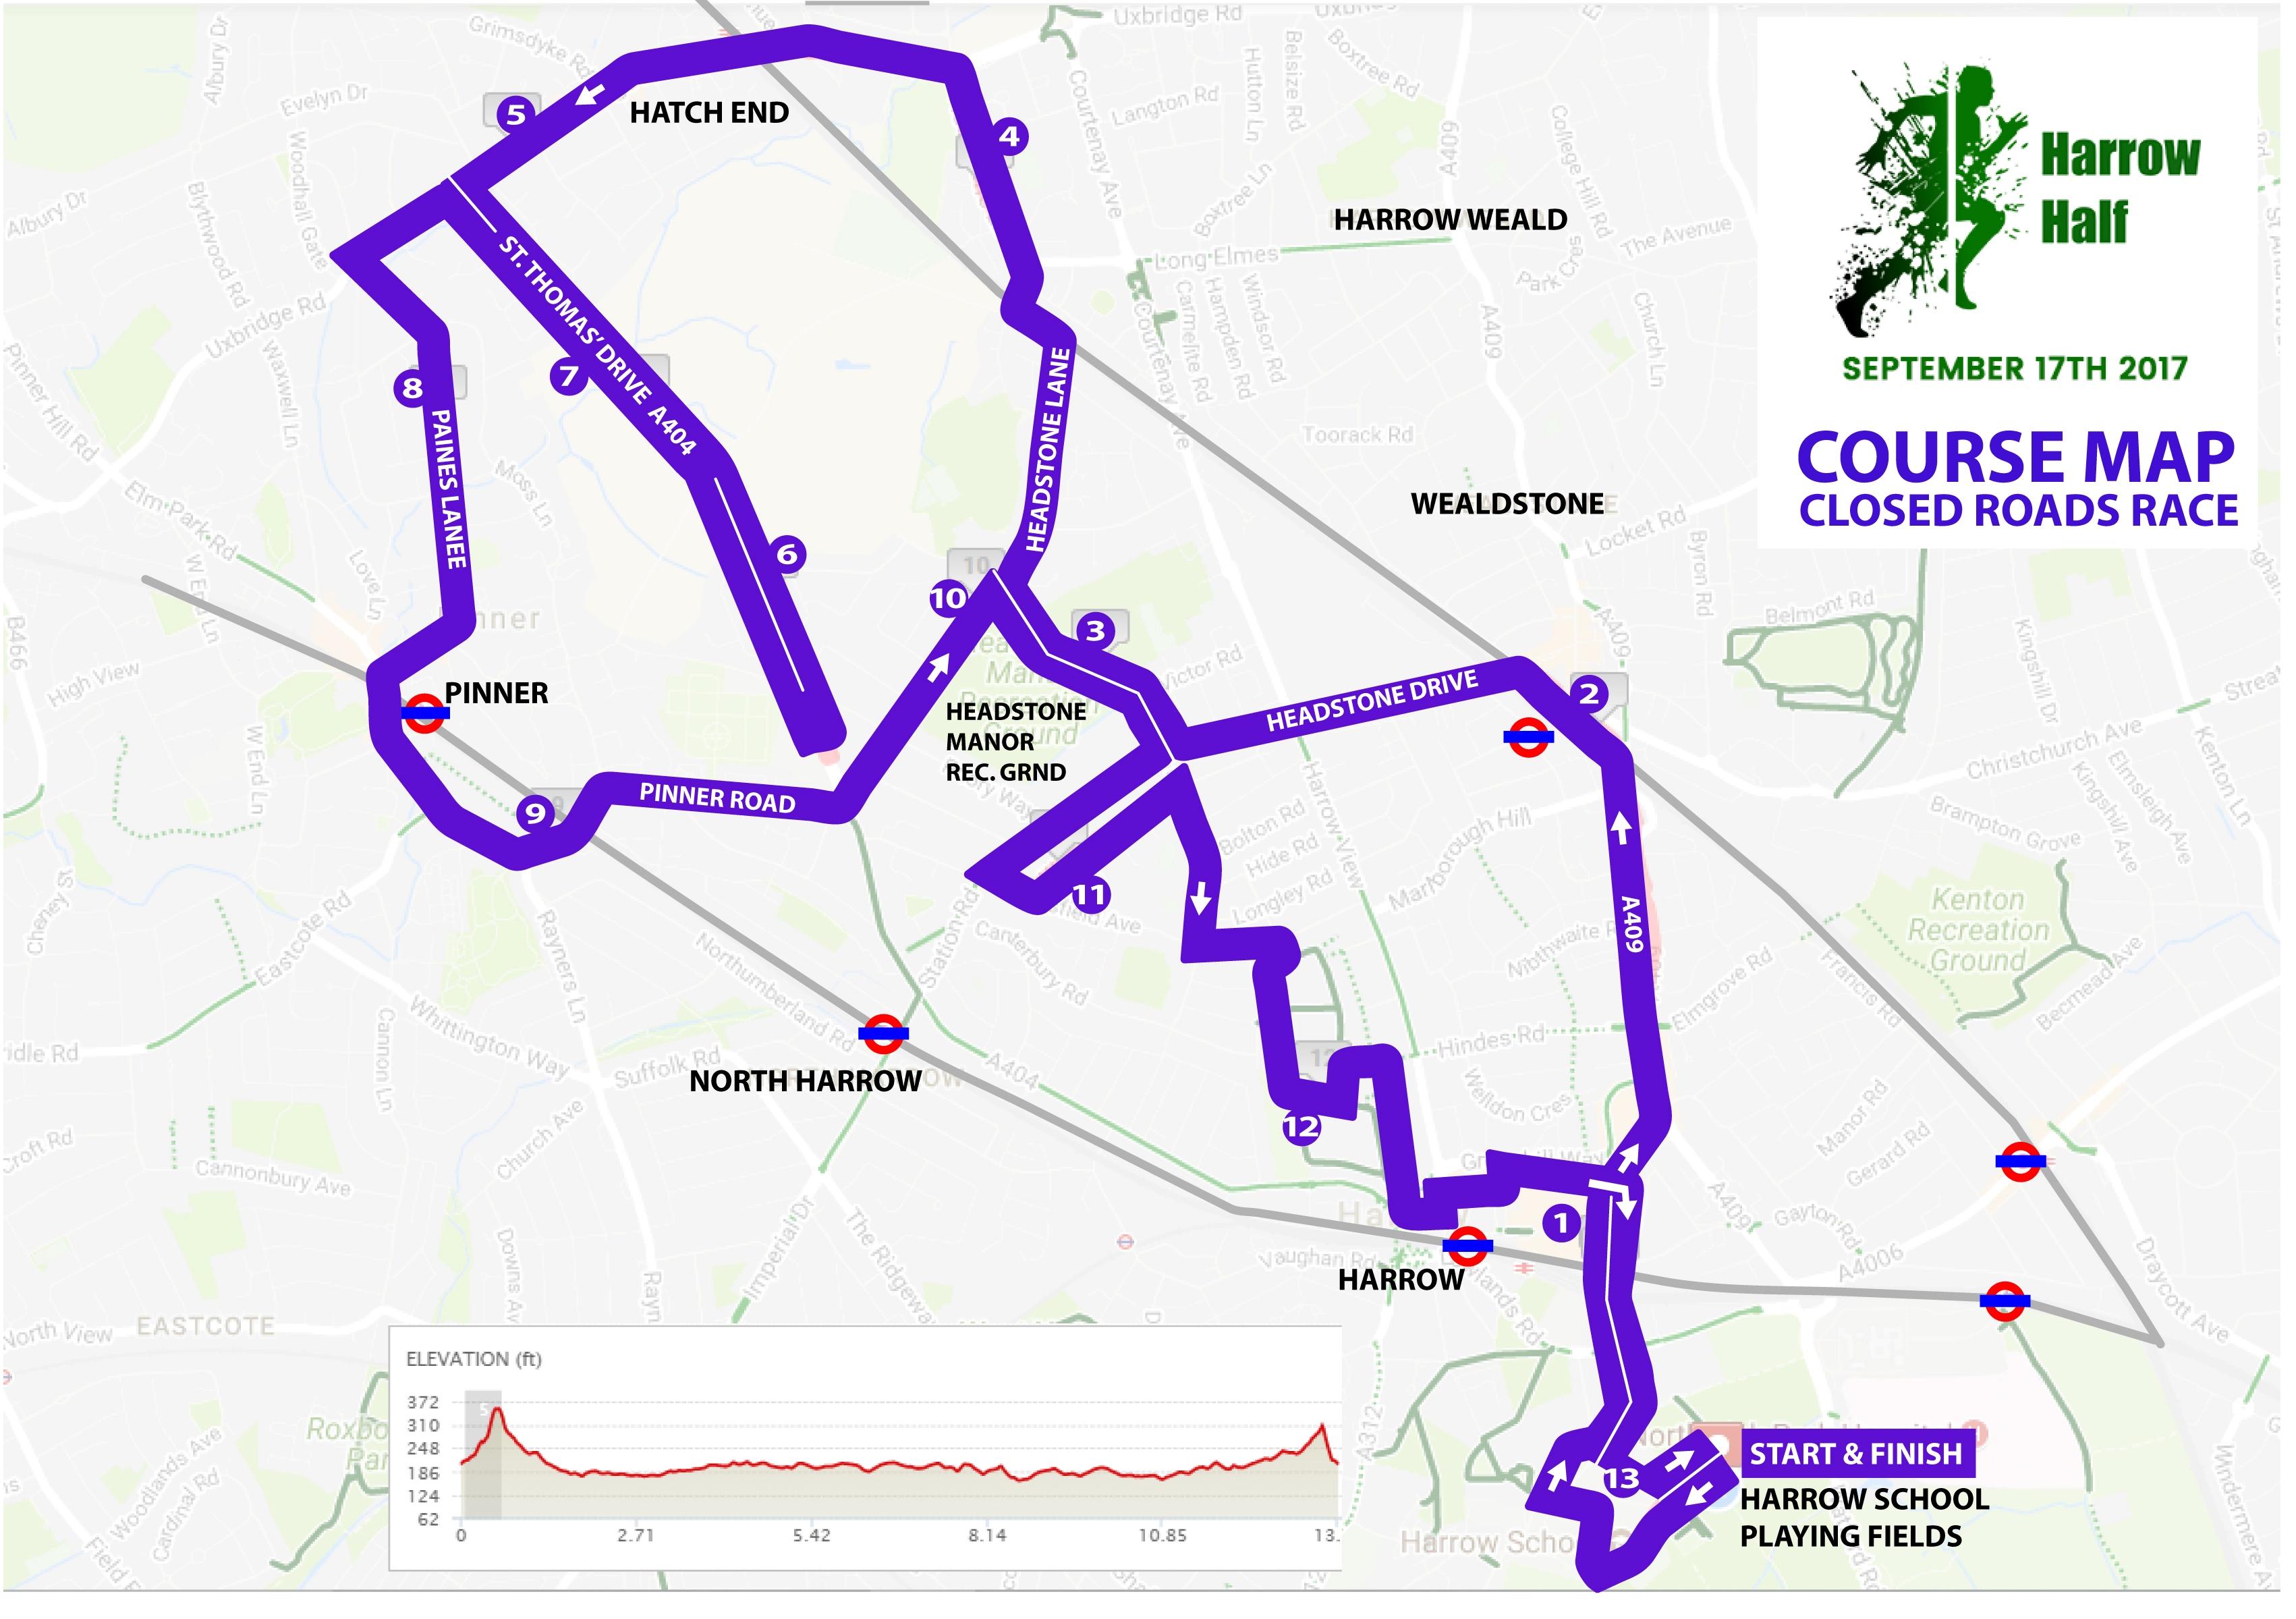 Harrow Half Map September 17 2017